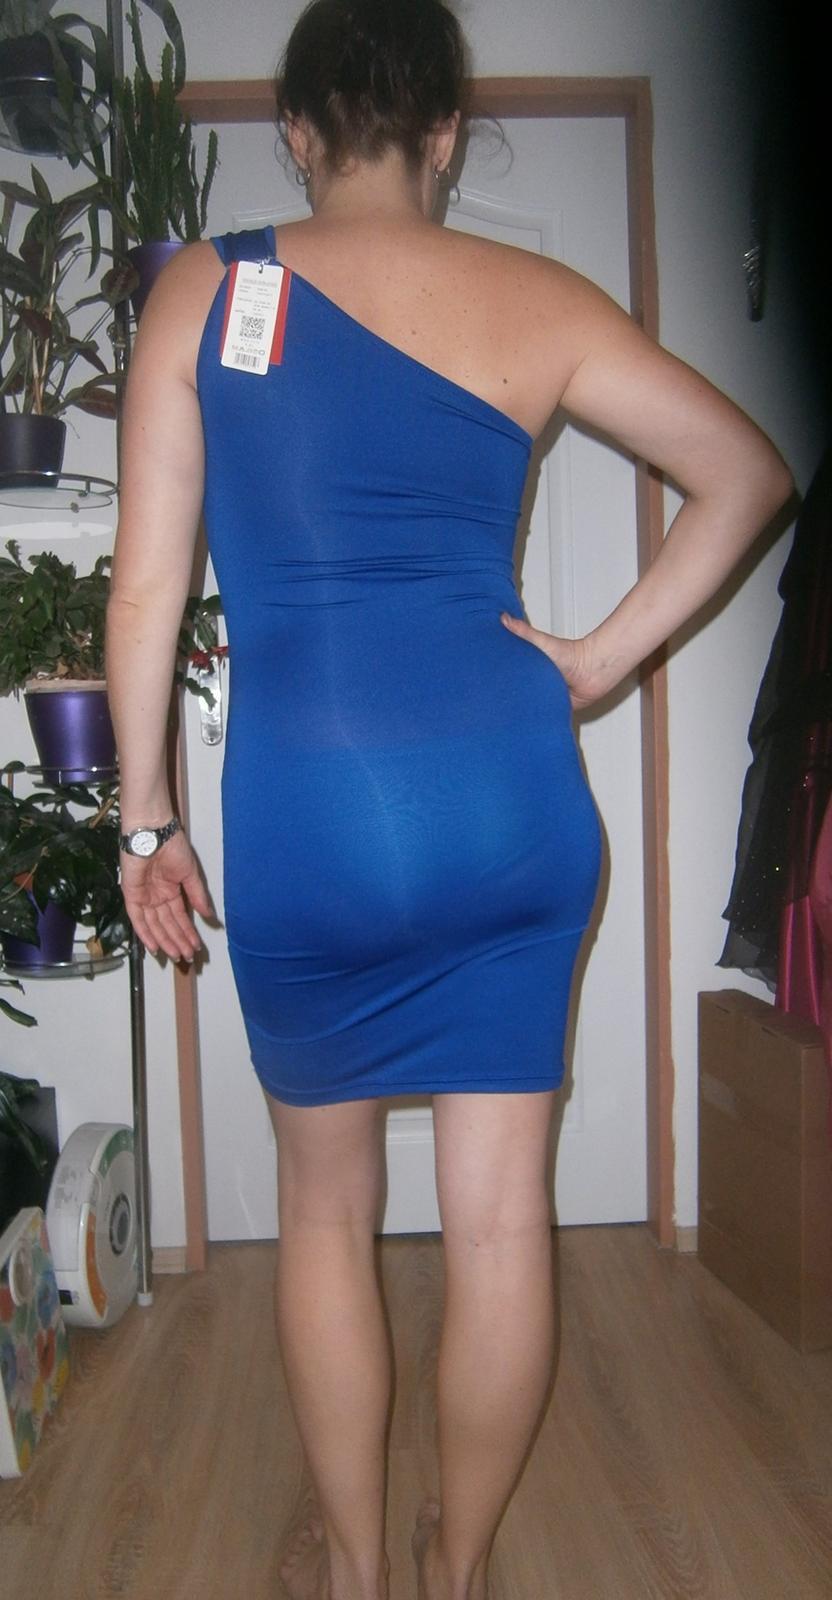 šaty vel.38 - Obrázek č. 3